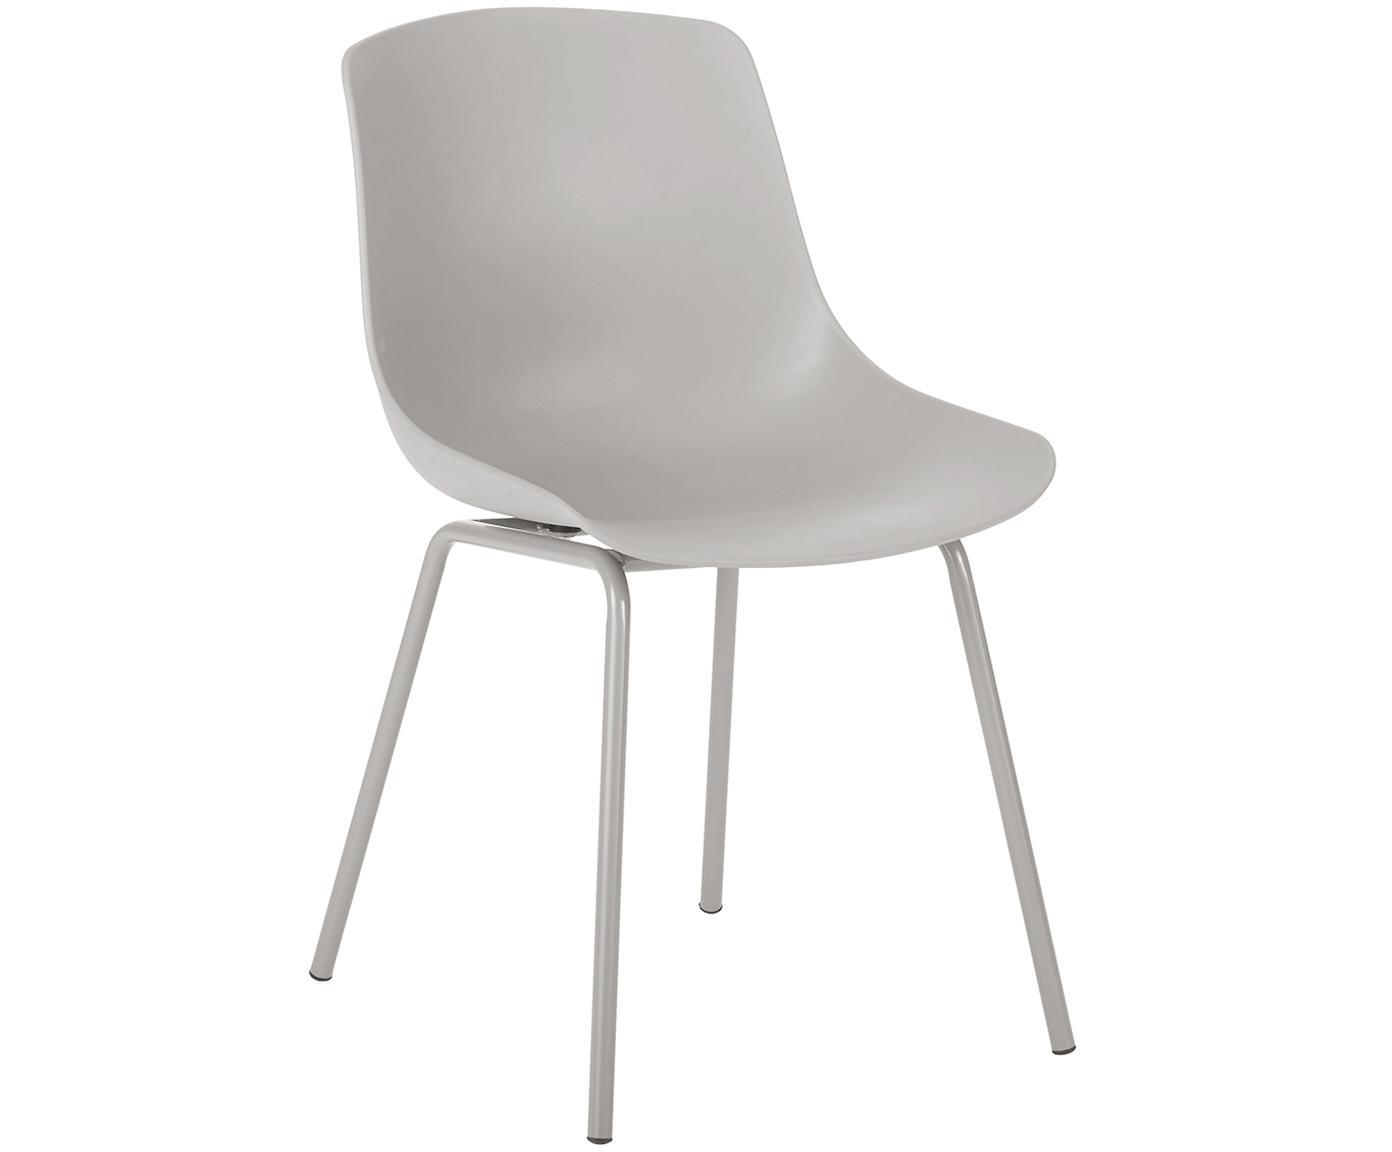 Krzesło z tworzywa sztucznego Joe, 2 szt., Nogi: metal malowany proszkowo, Taupe, S 46 x G 53 cm